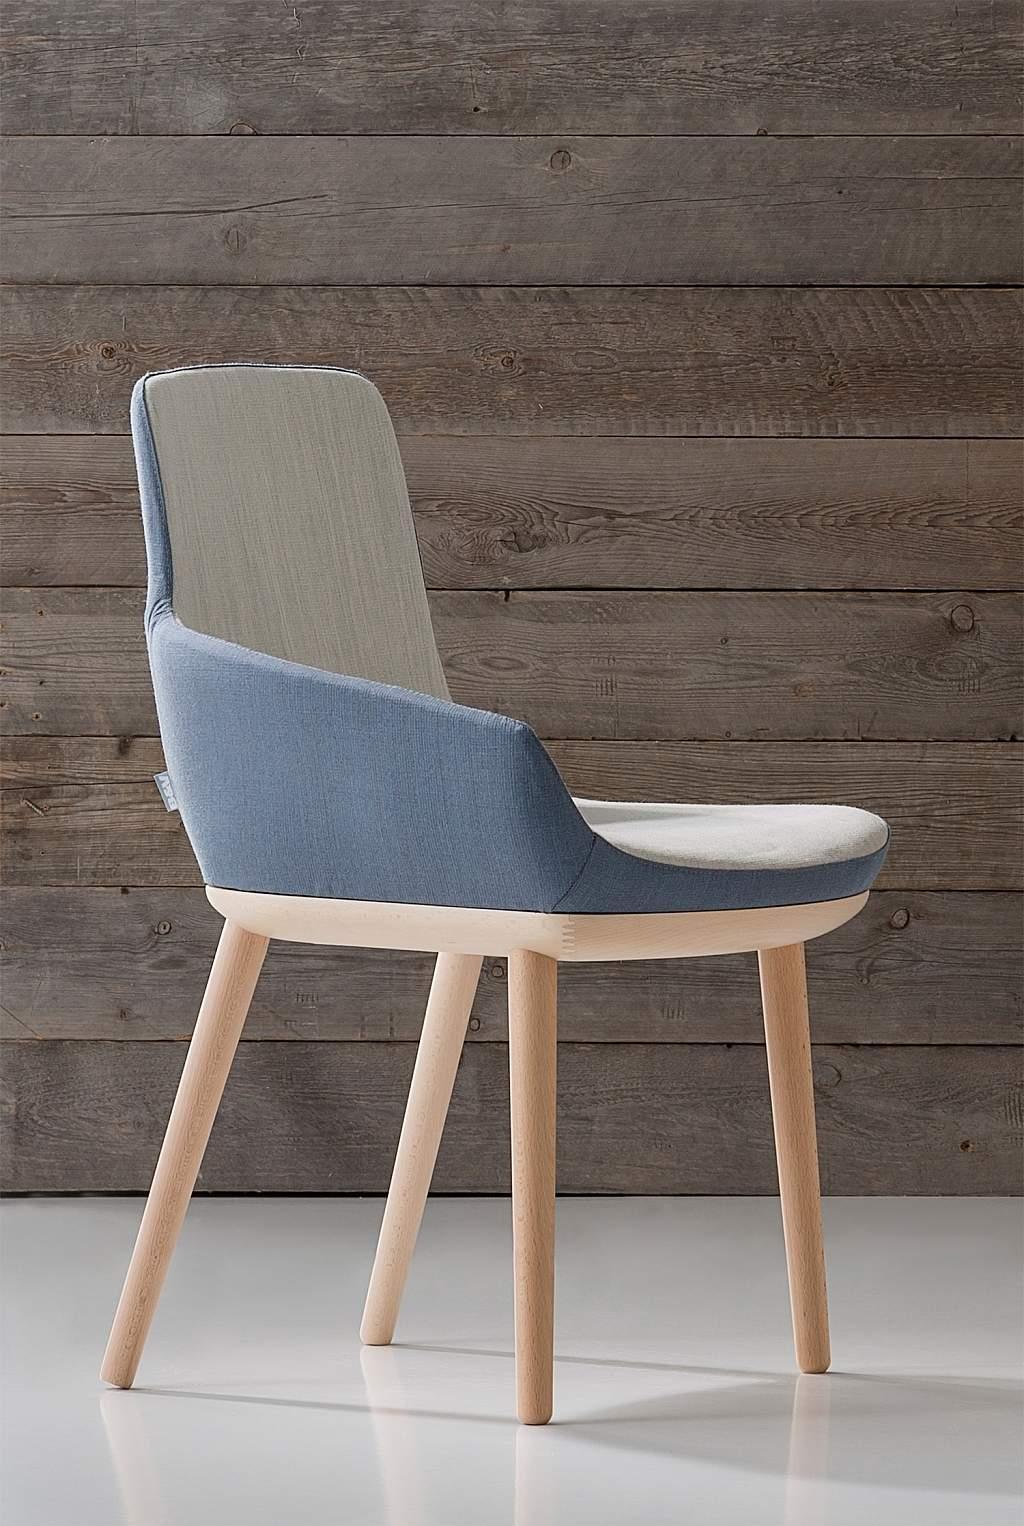 ego la chaise du xxie si cle. Black Bedroom Furniture Sets. Home Design Ideas